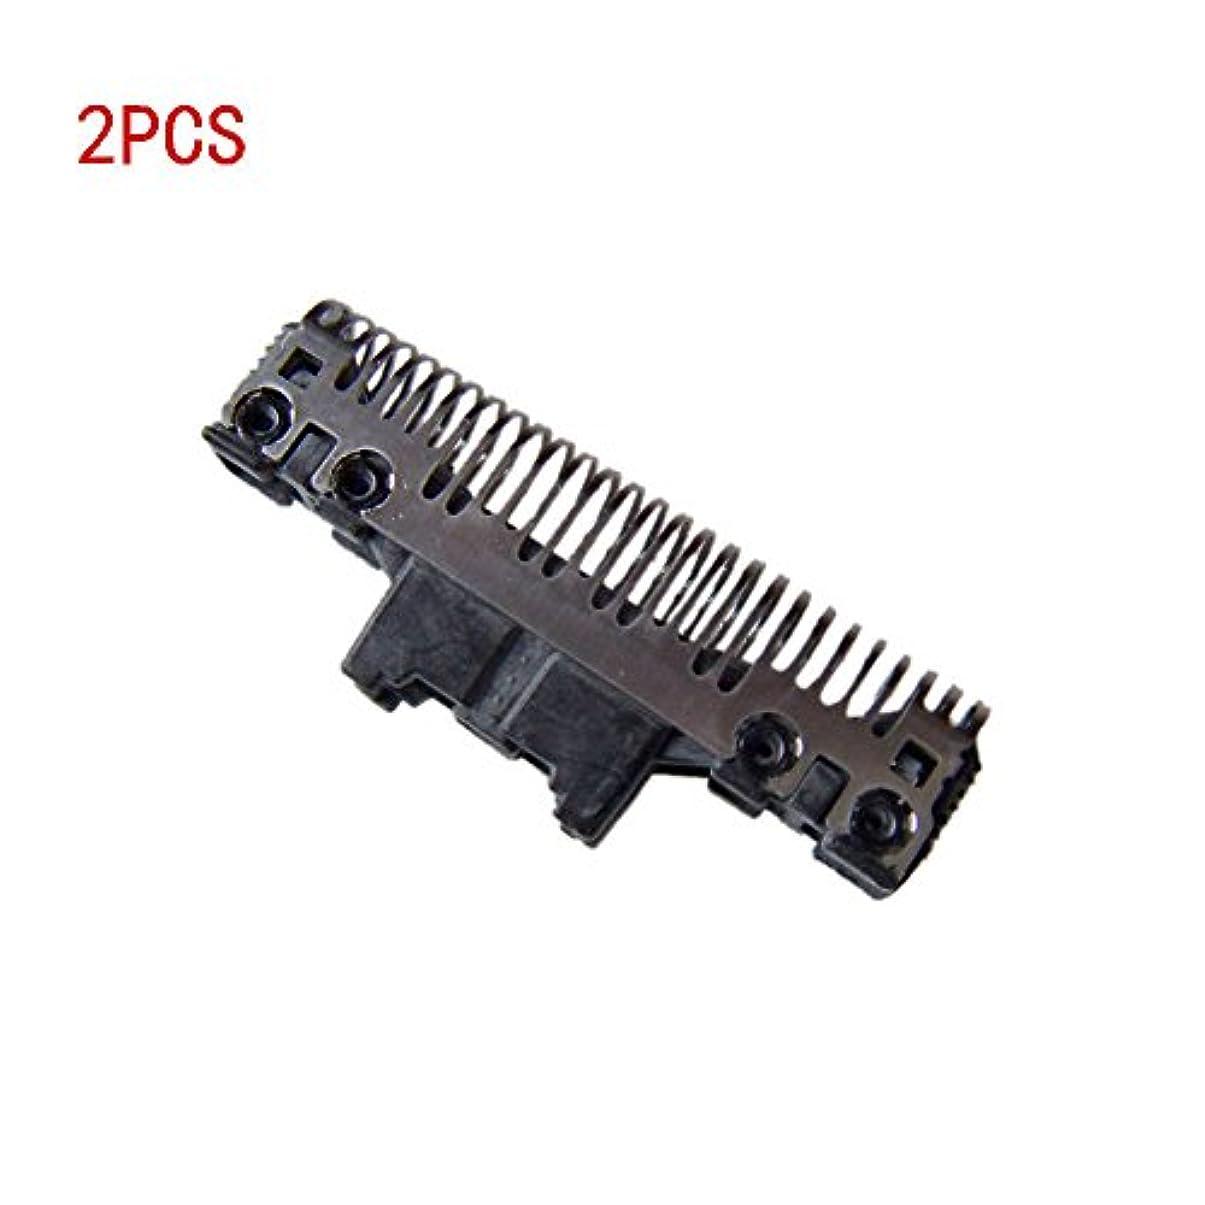 少数任命良いJuleyaing シェーバー用品 回転式シェーバー 部品 内刃 交代品 for Panasonic ES9072/7021/7022/7023/7026/7027/7006/7007